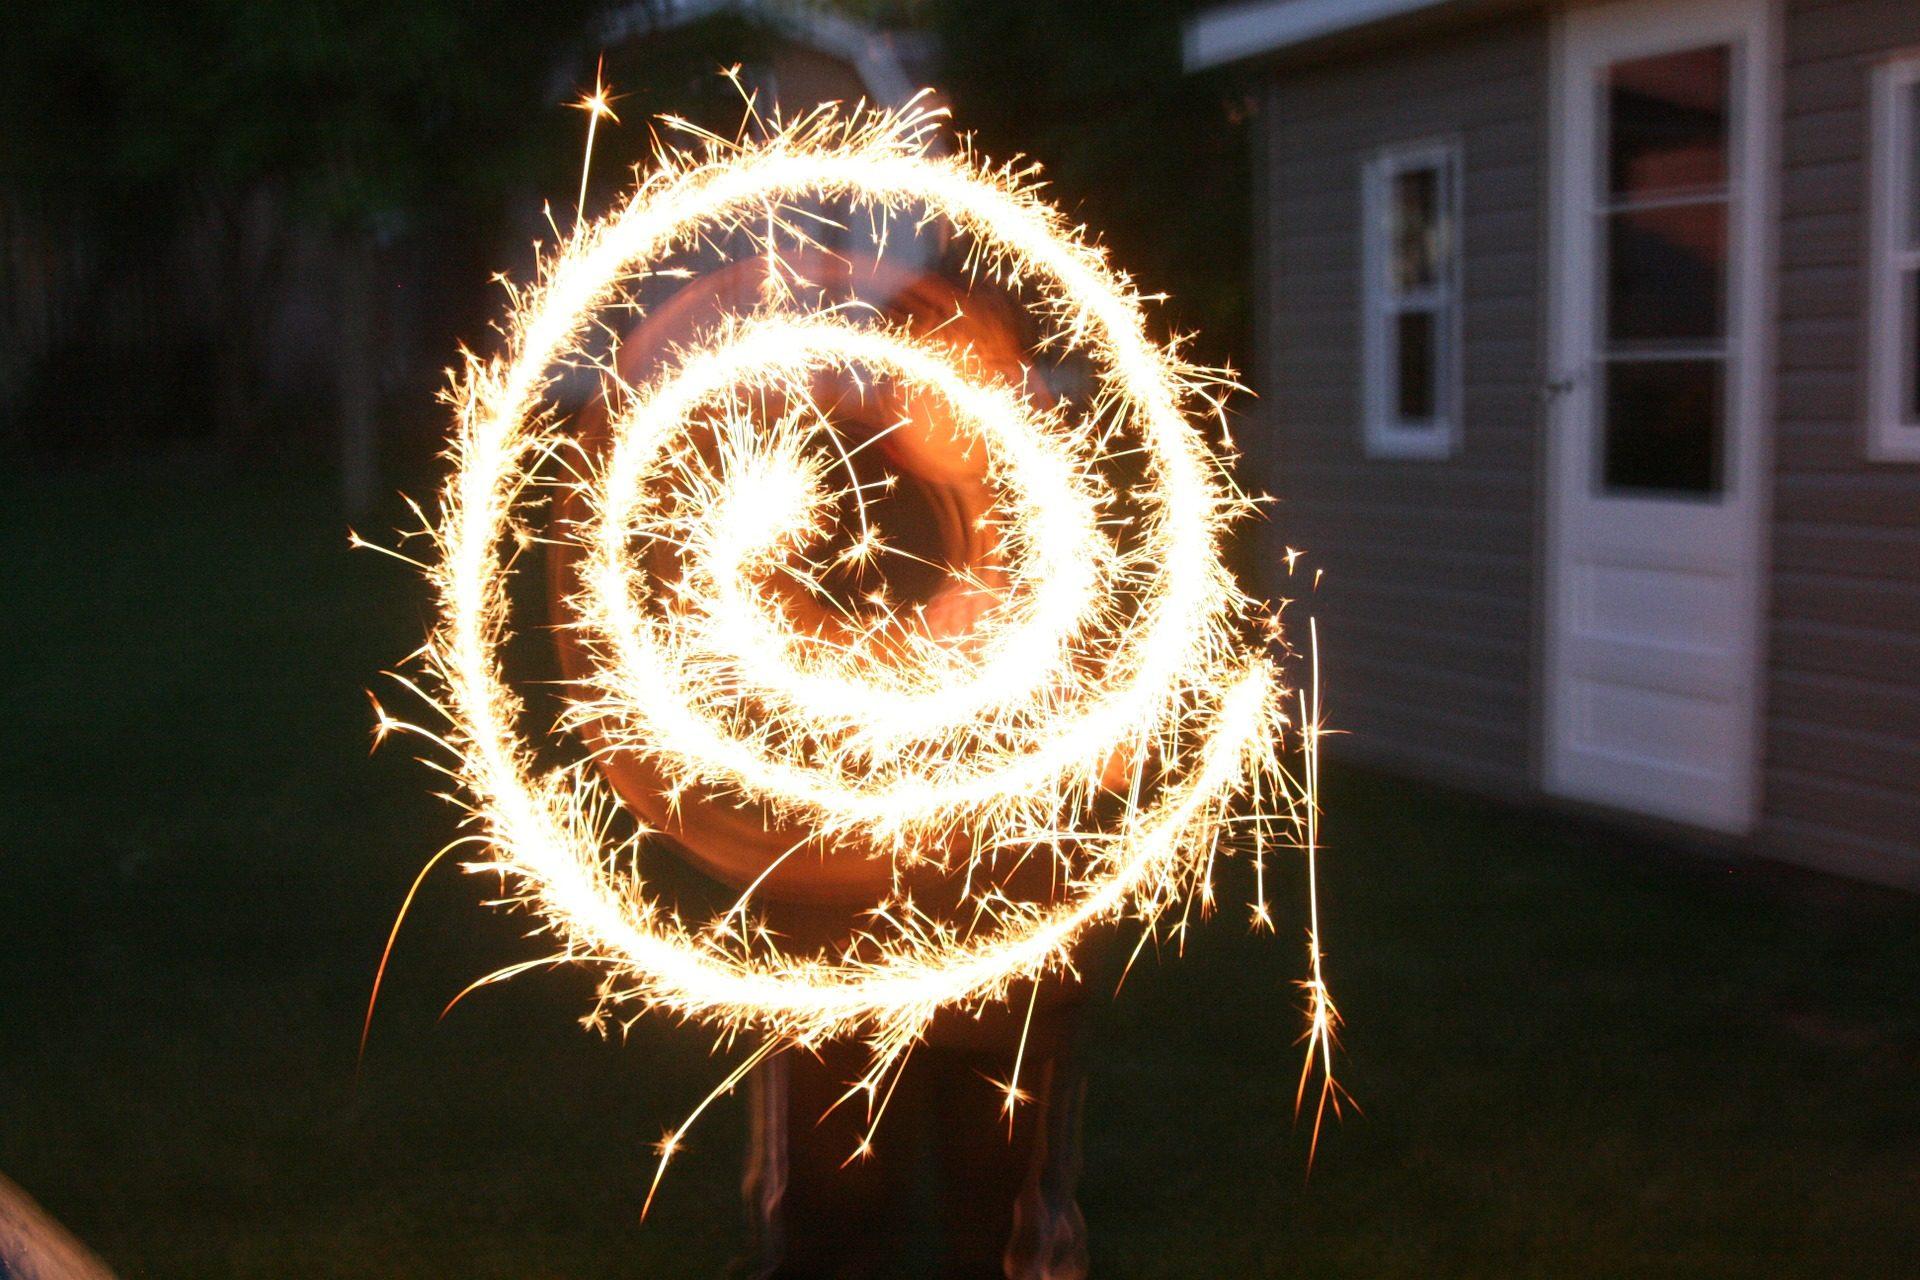 Spirale, Feuer, Sparks, Bengalen, Dämmerung, Dunkelheit, Helligkeit - Wallpaper HD - Prof.-falken.com